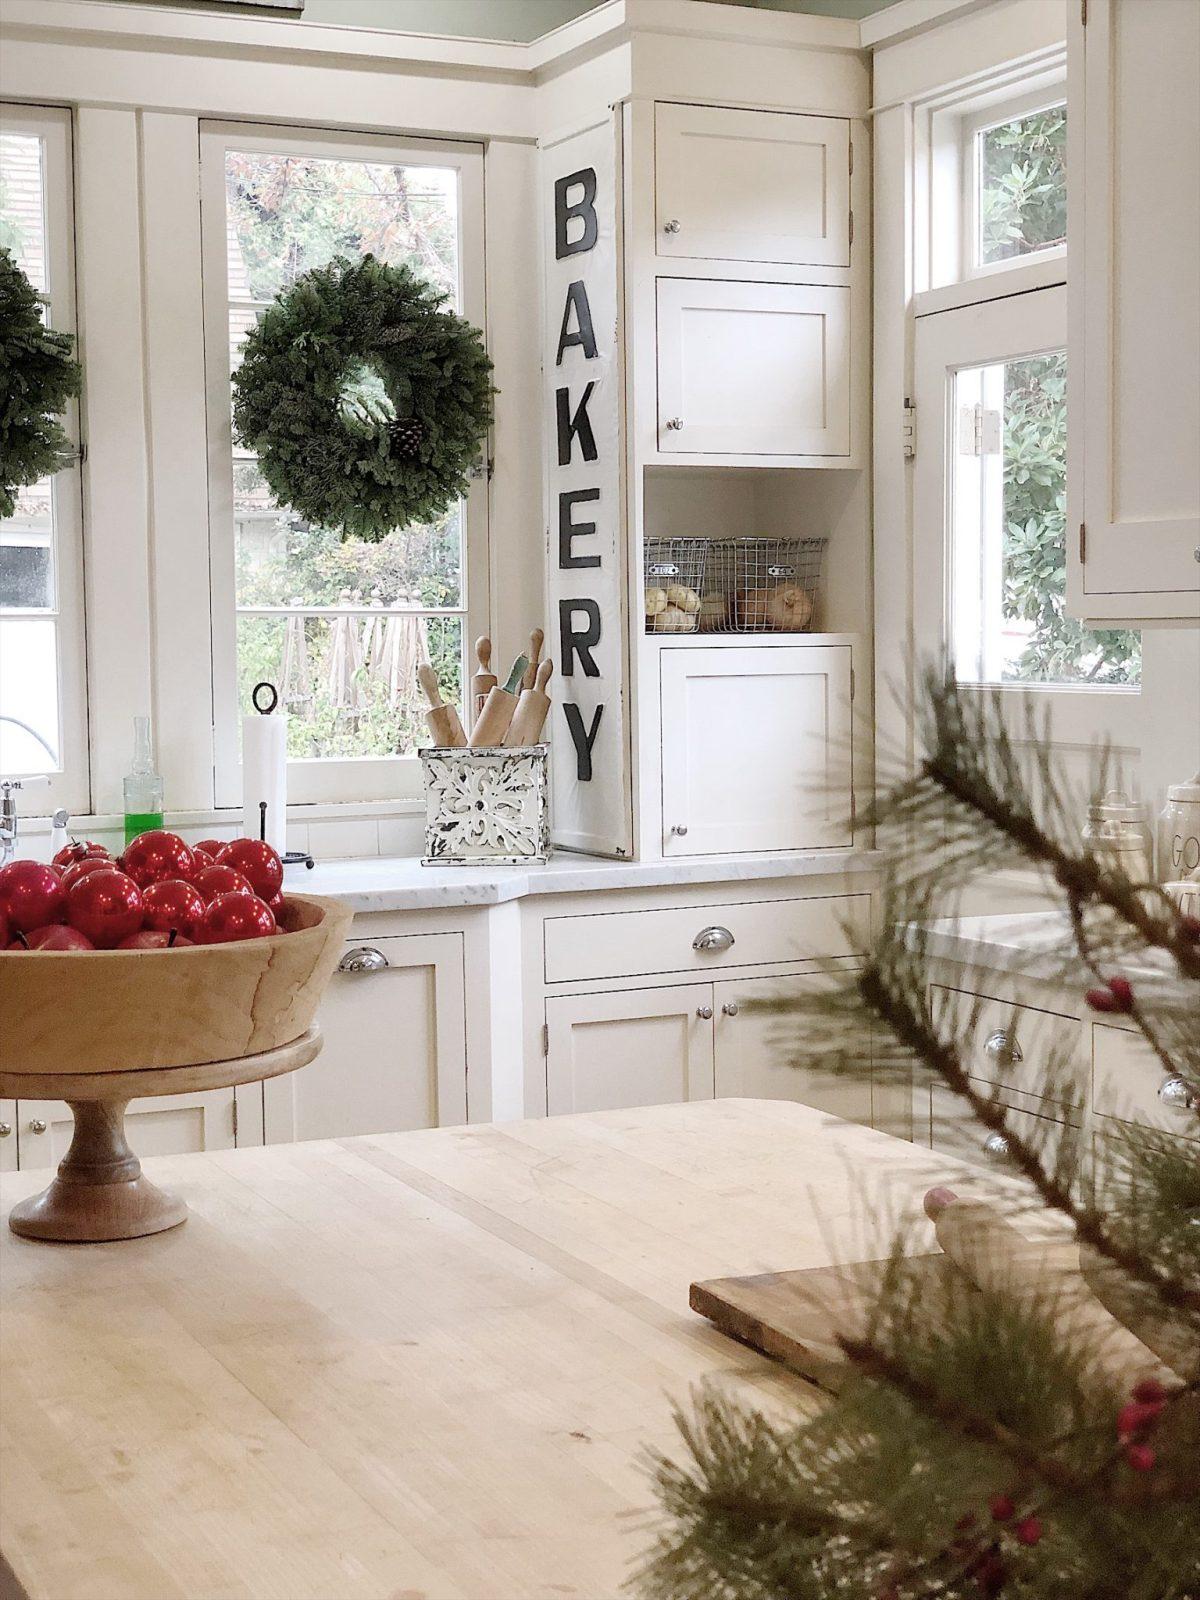 Holiday Housewalk Tour Kitchen 2